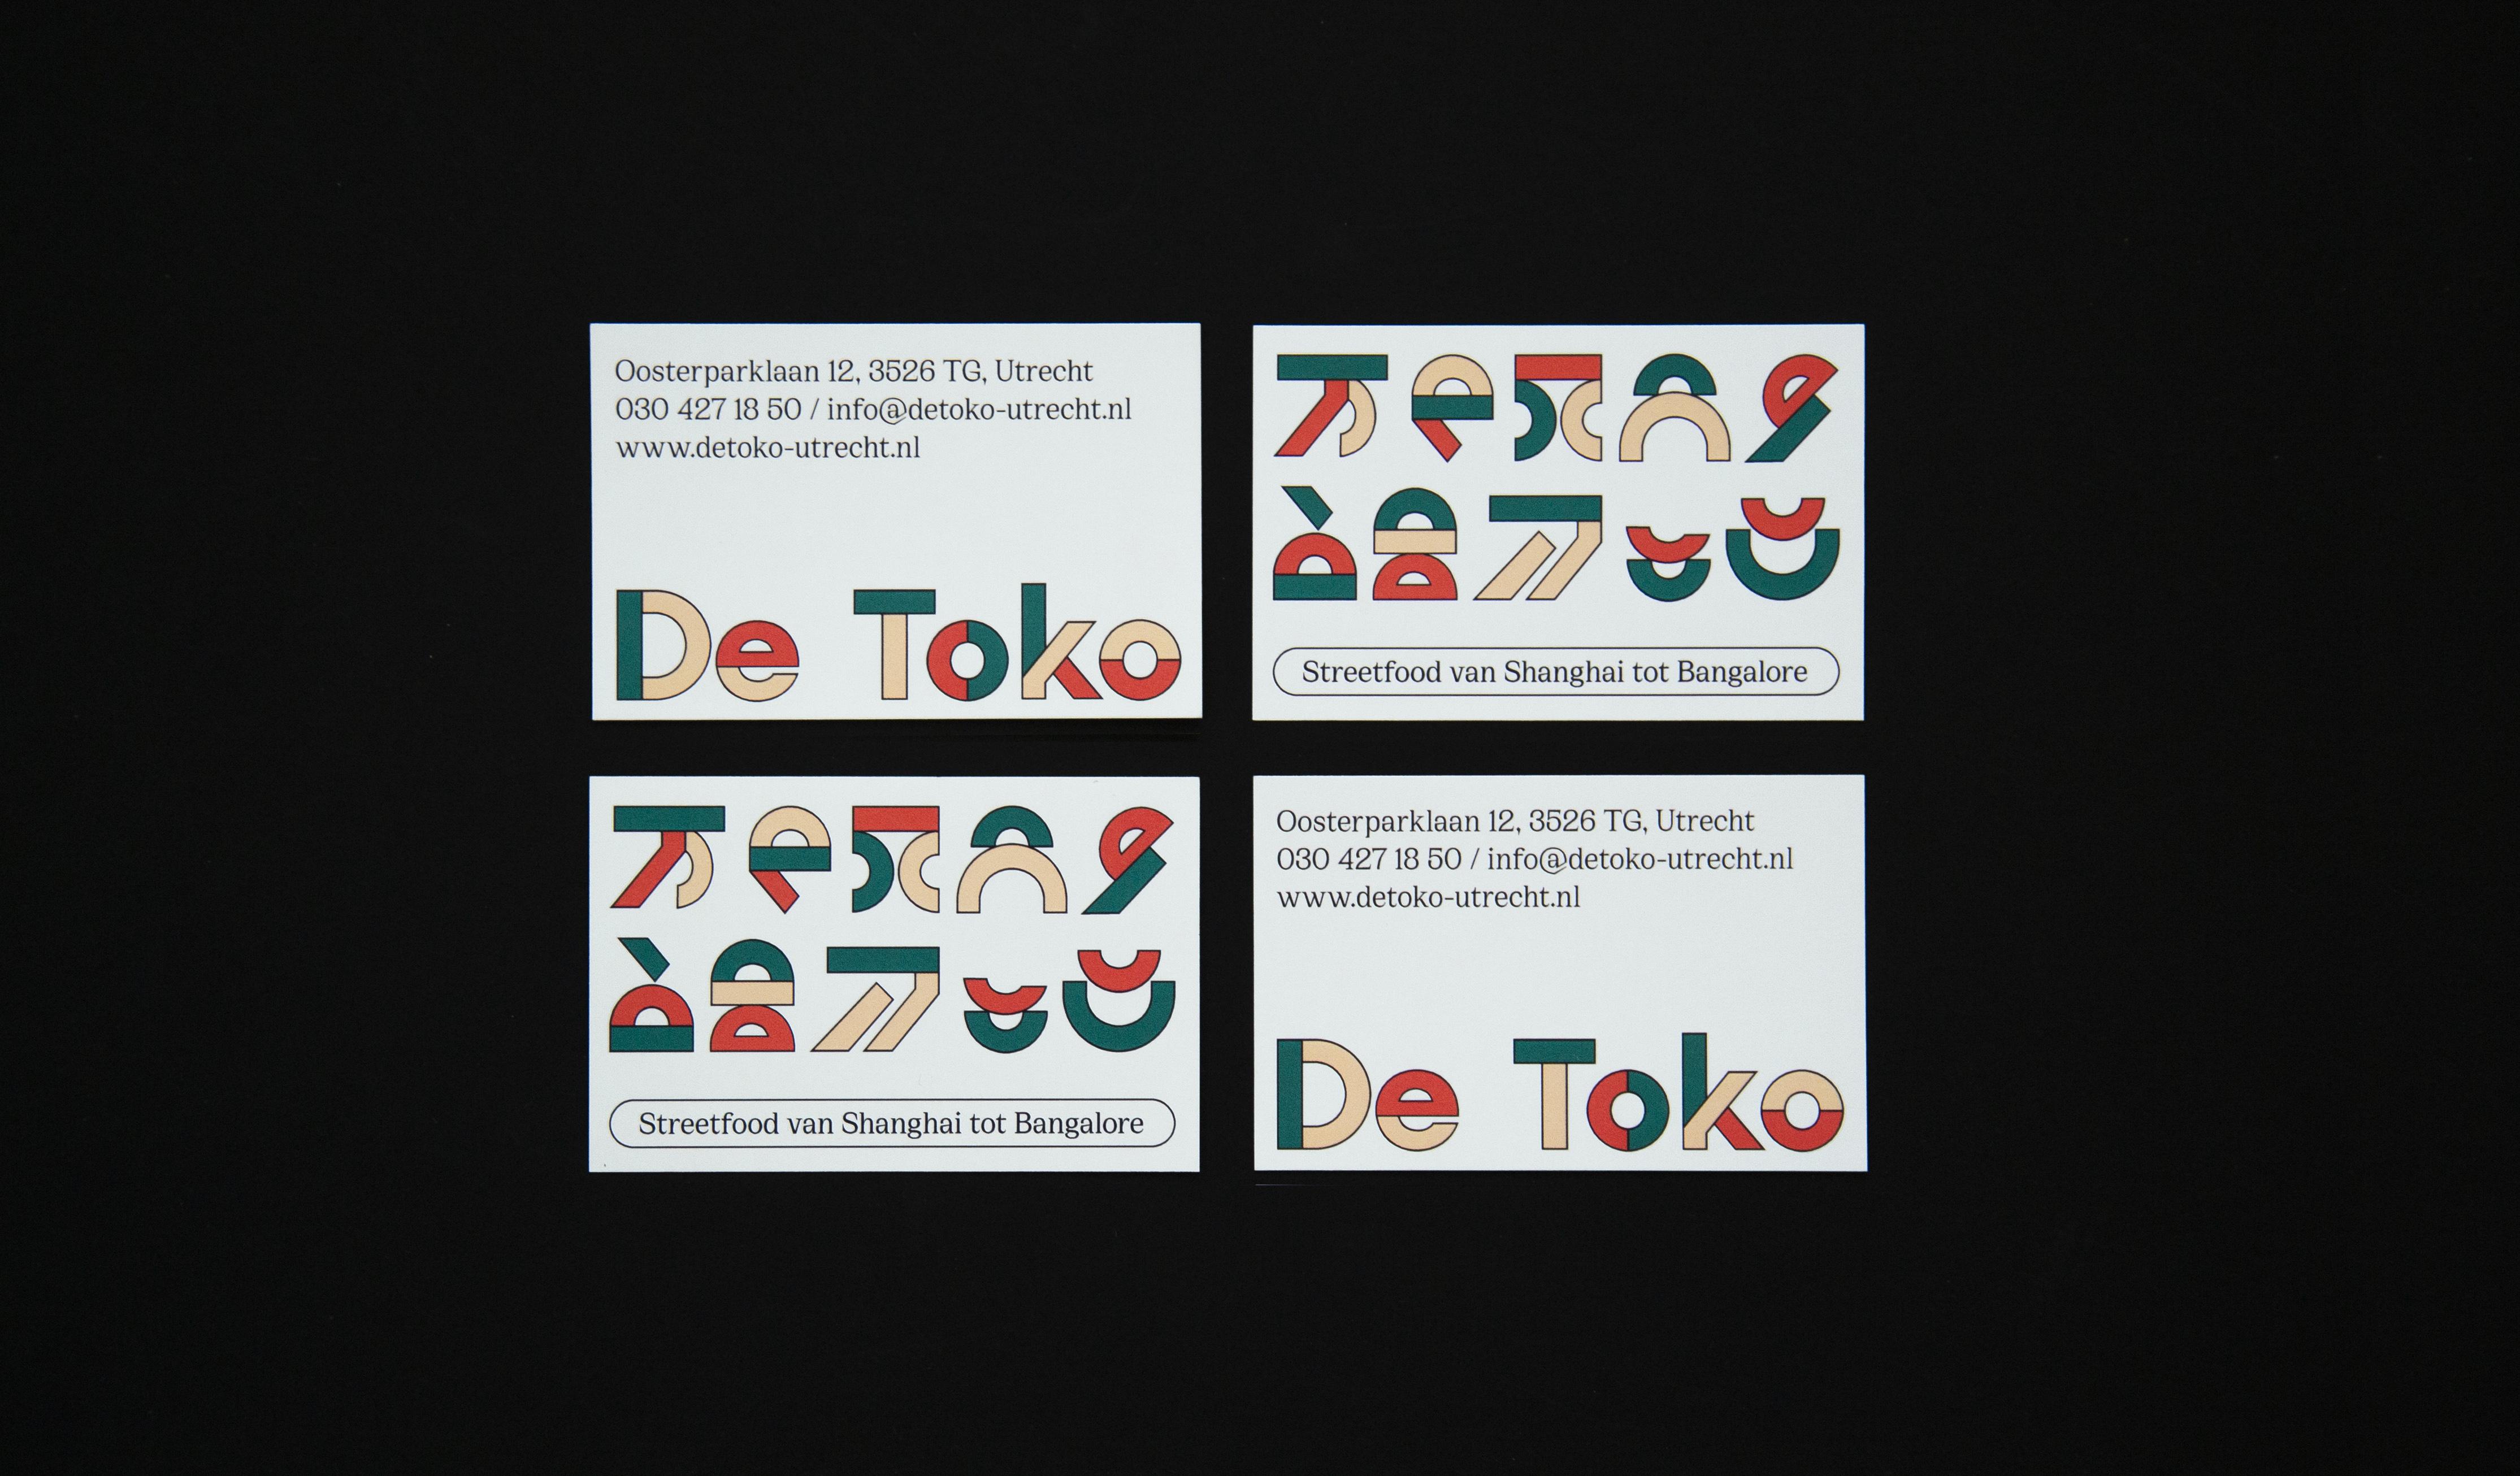 visitekaartjes ontworpen voor een restaurant